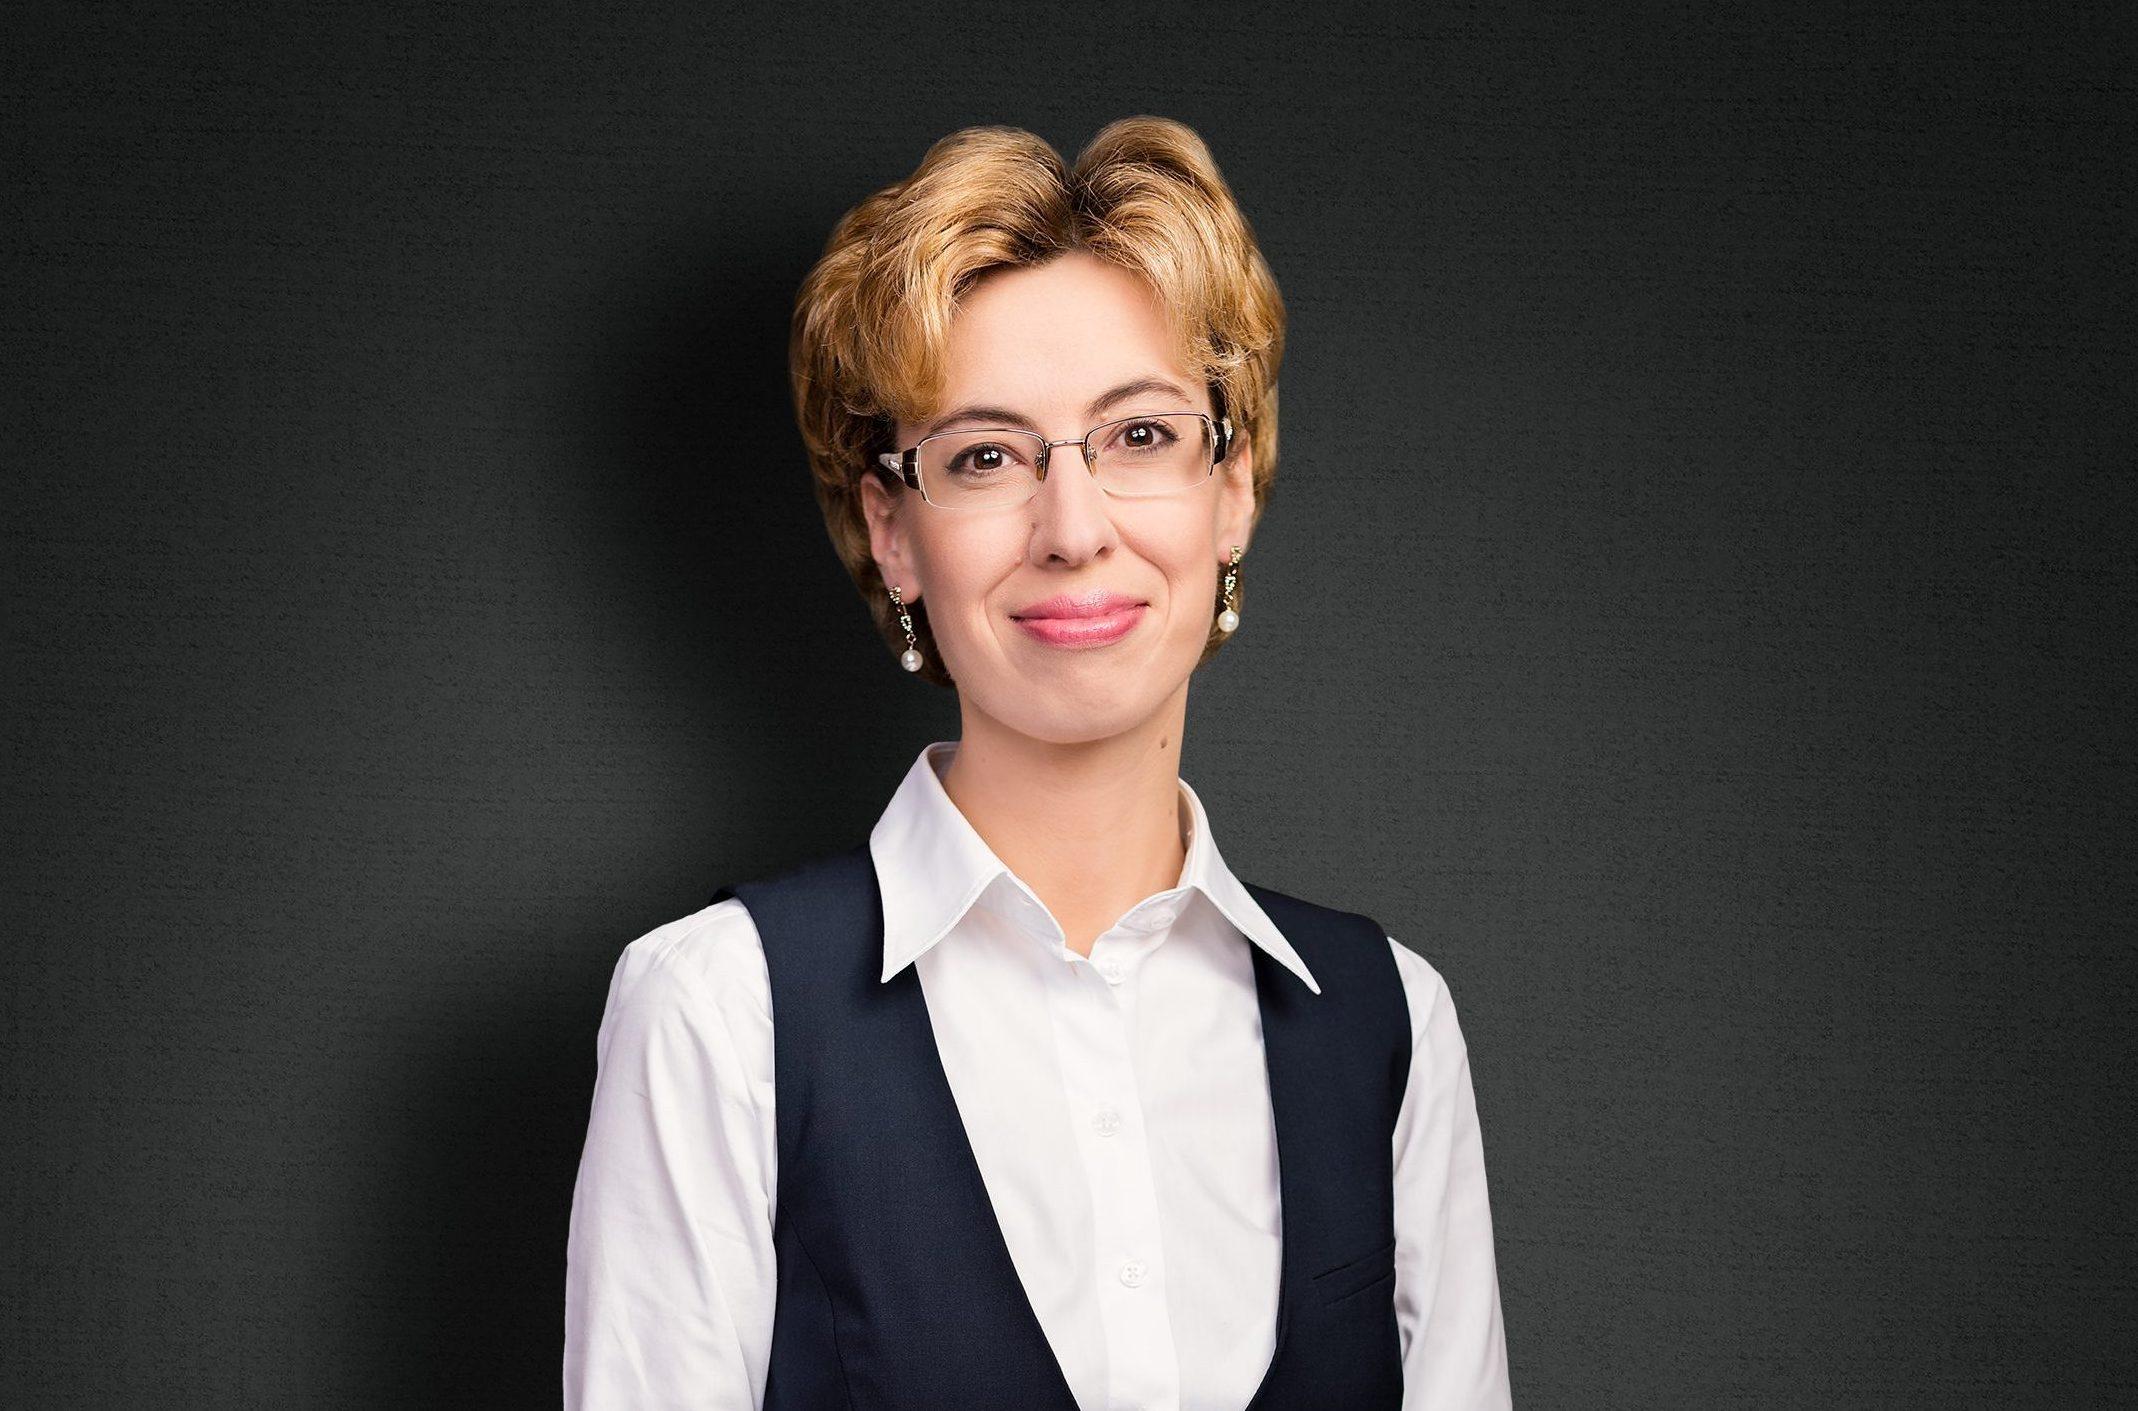 Katja Neef